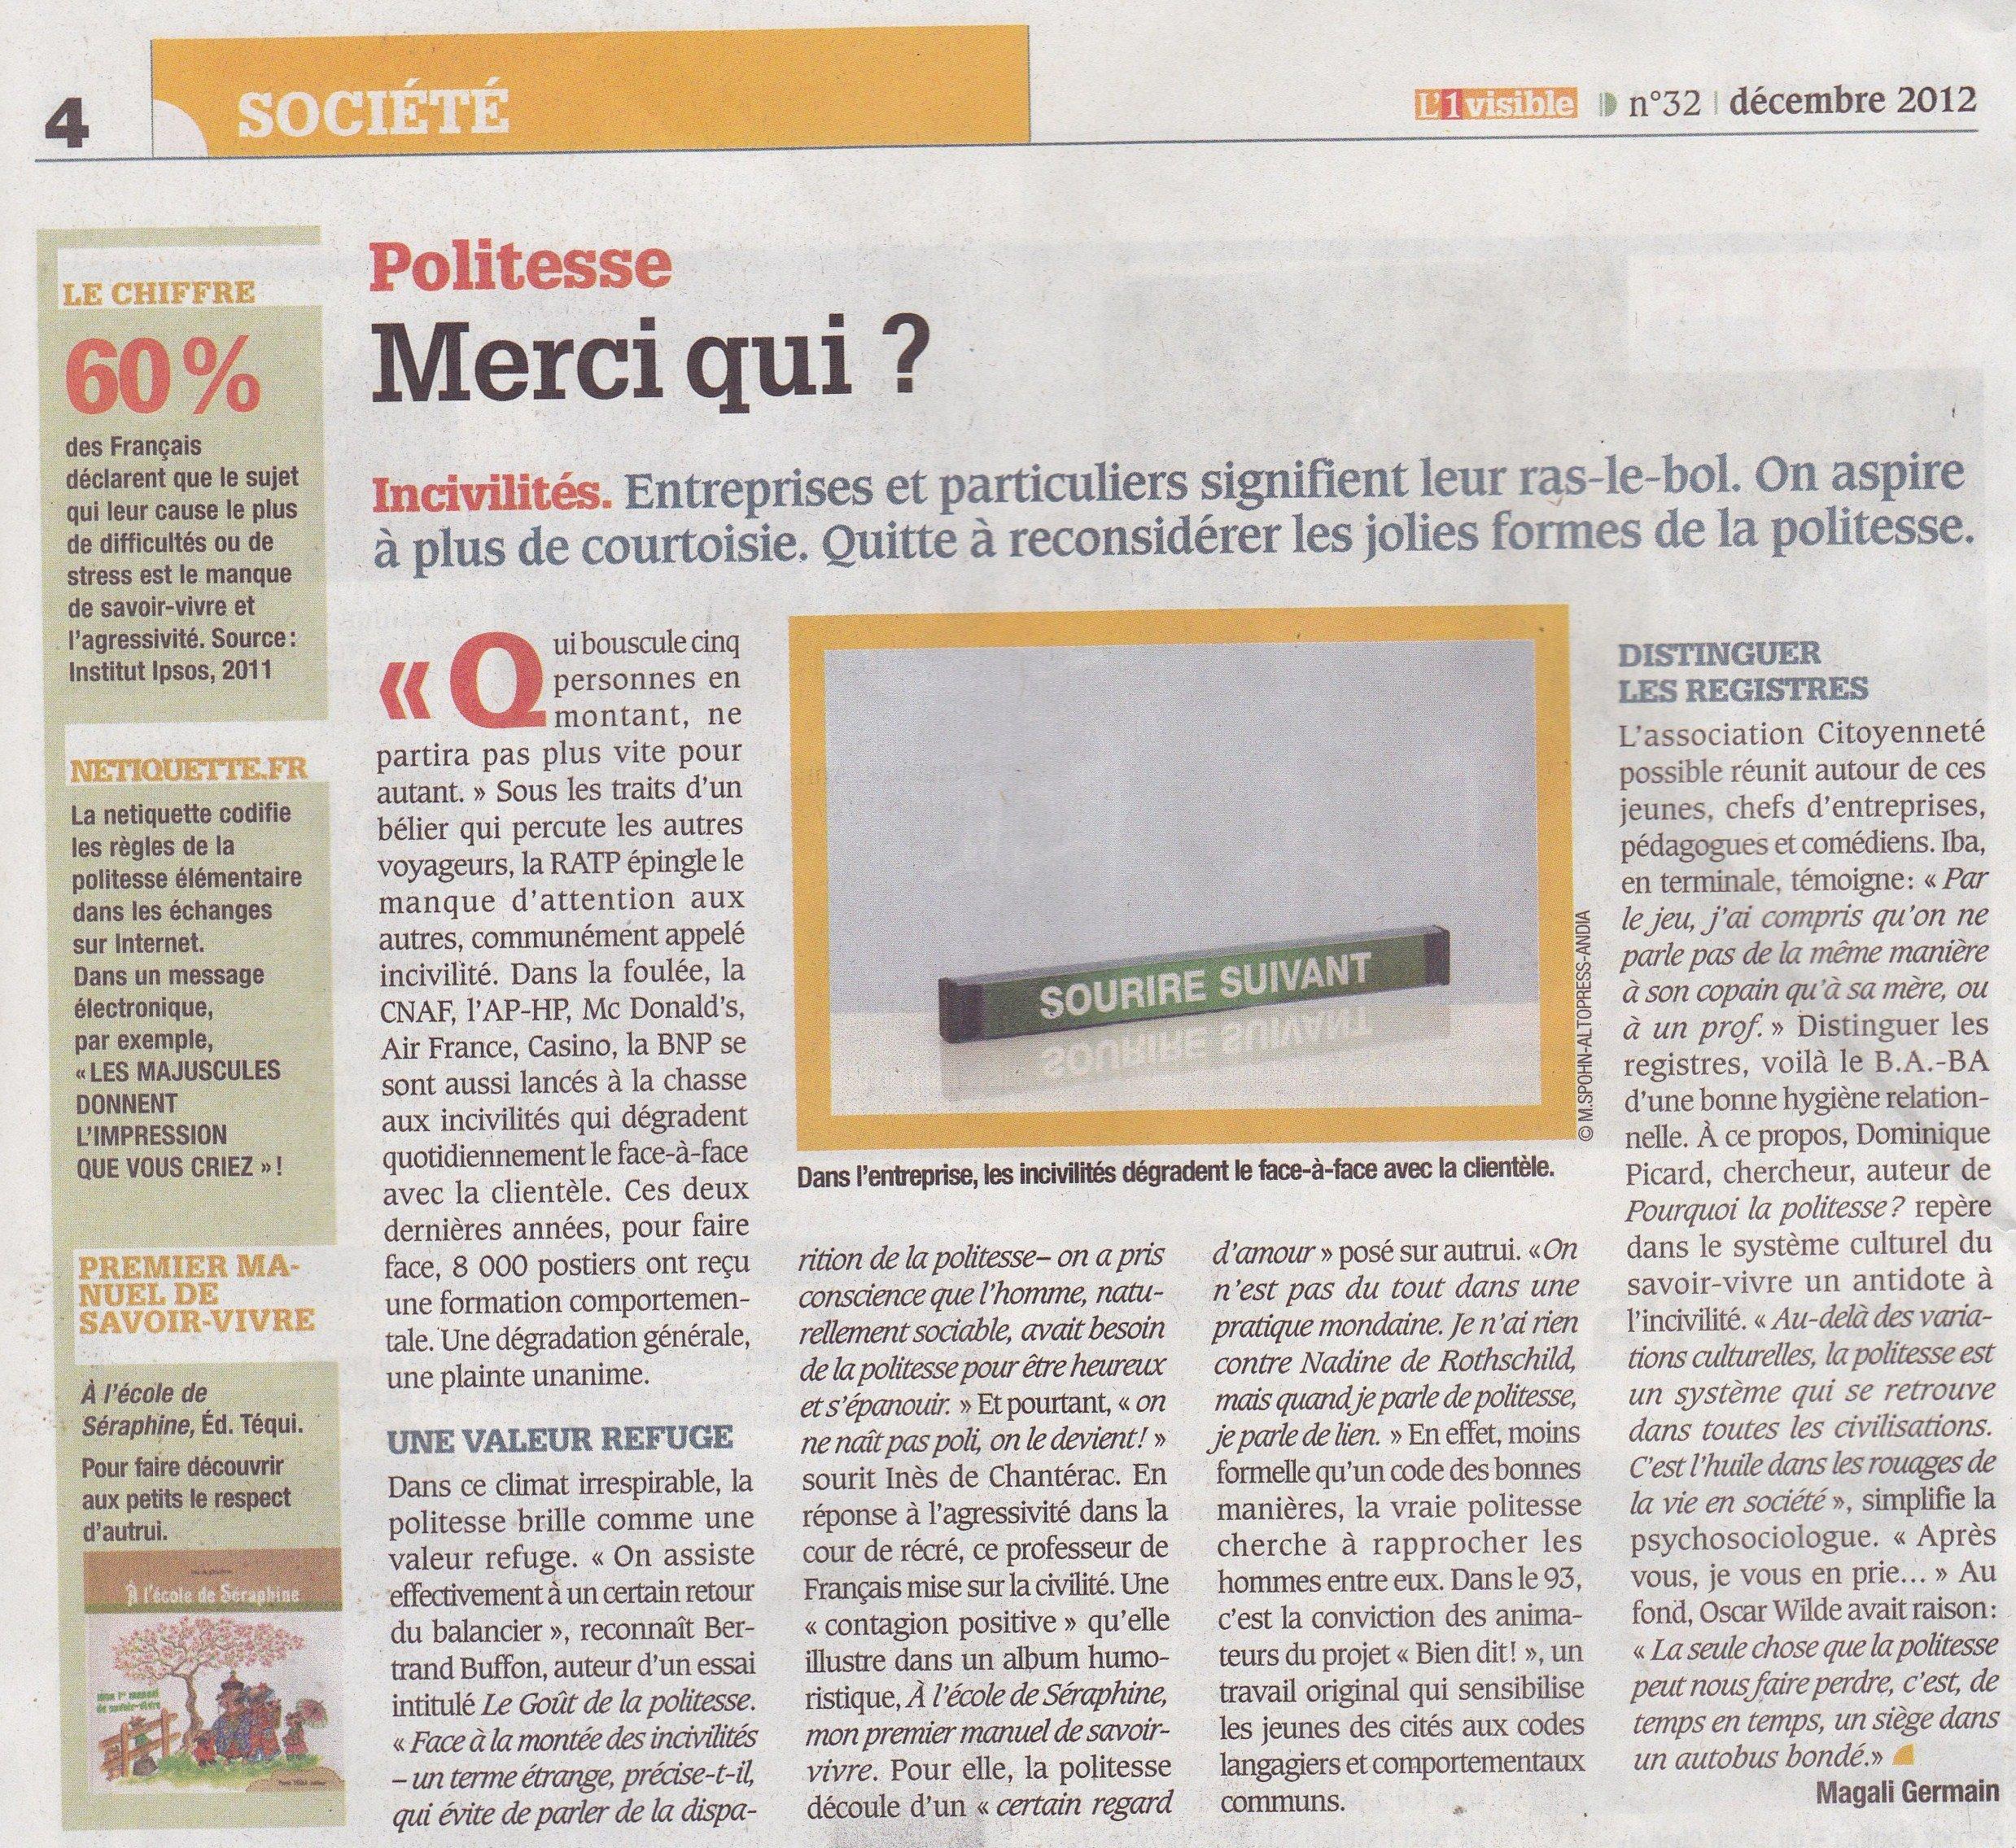 article-l1visible-decembre-20123